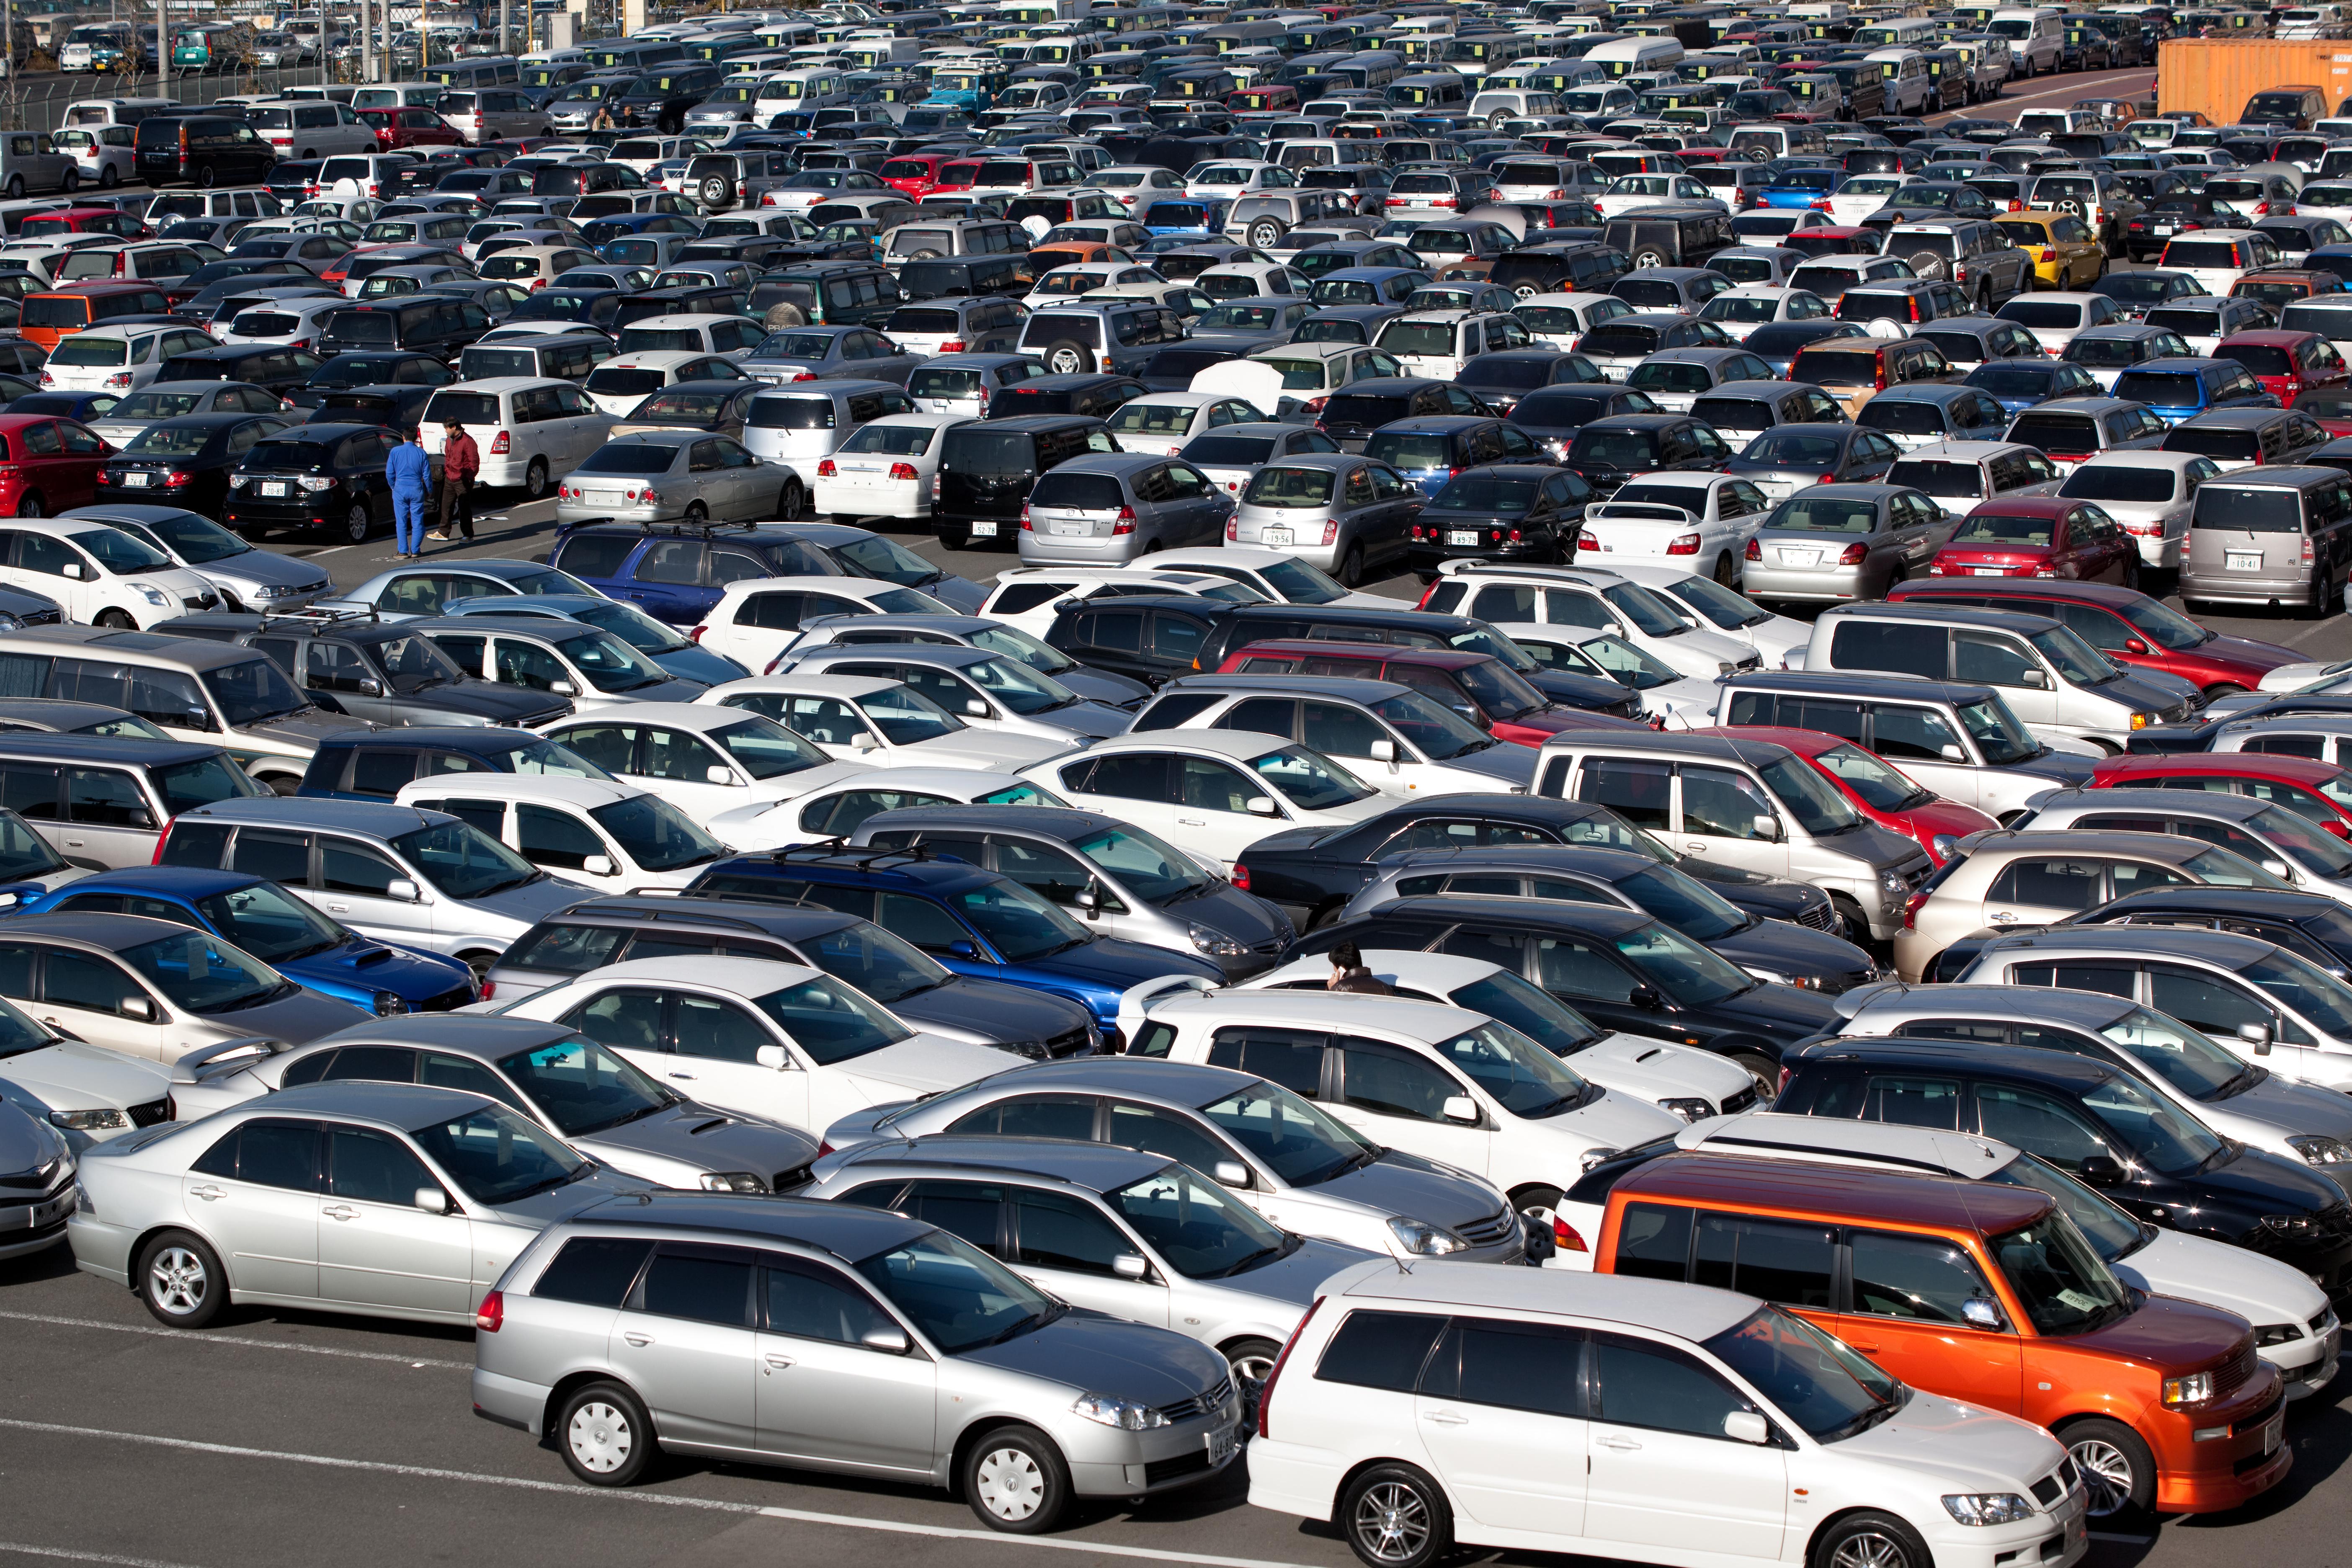 Car Rental, Used Car Businesses Push LPG Vehicles as Diesel ...